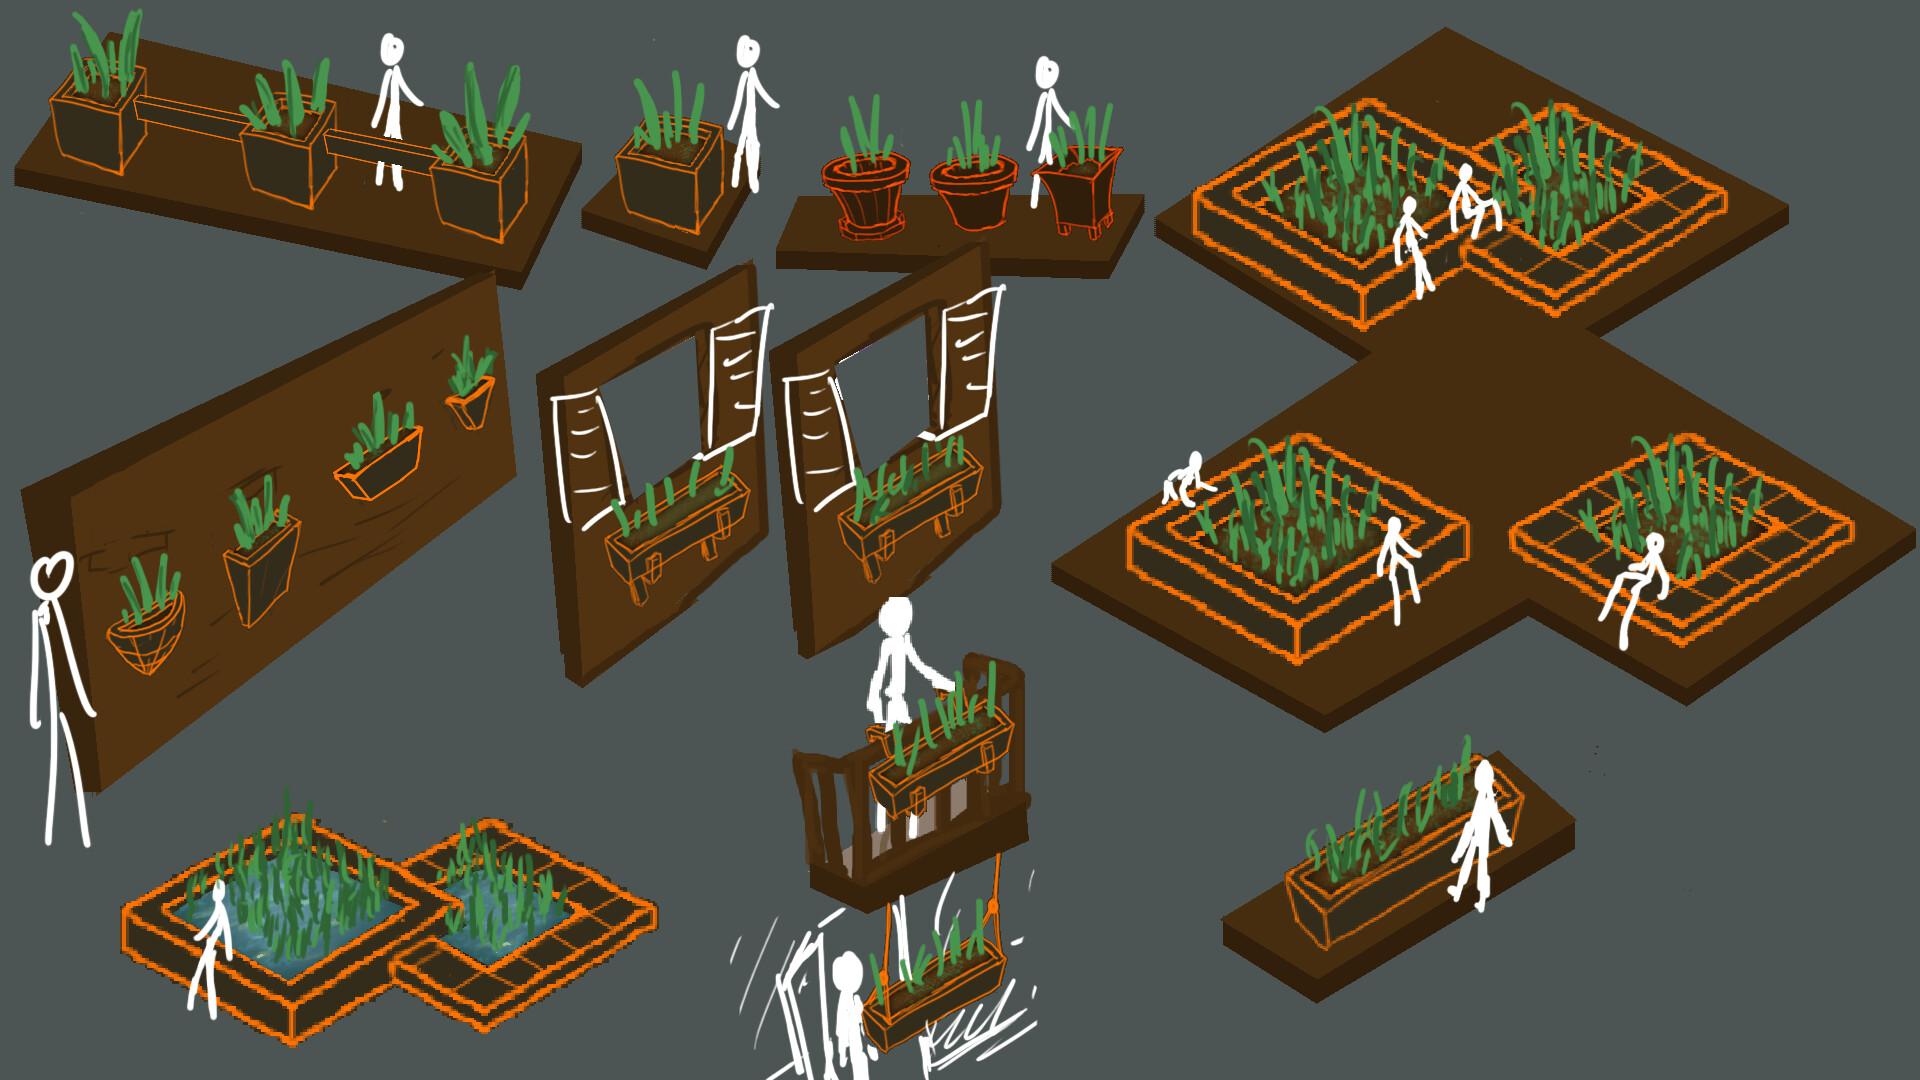 Alexander laheij plant pots fix